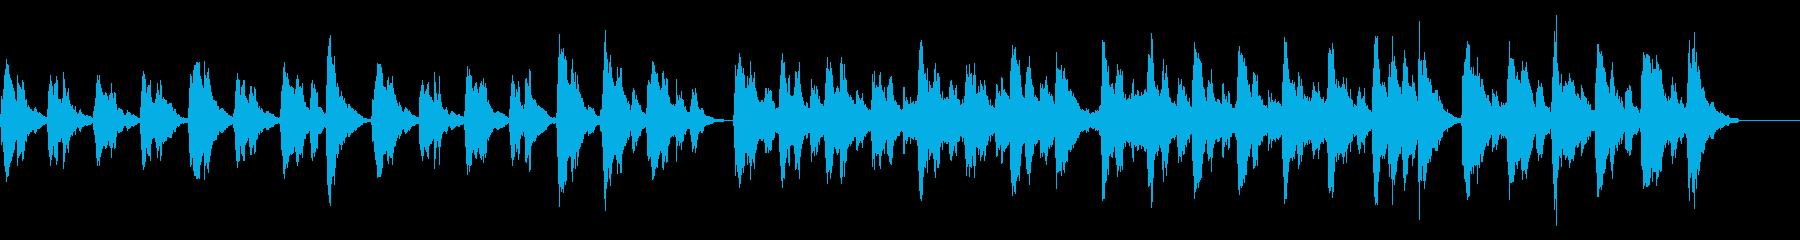 「卑劣な」ムードのオーケストラ楽器...の再生済みの波形